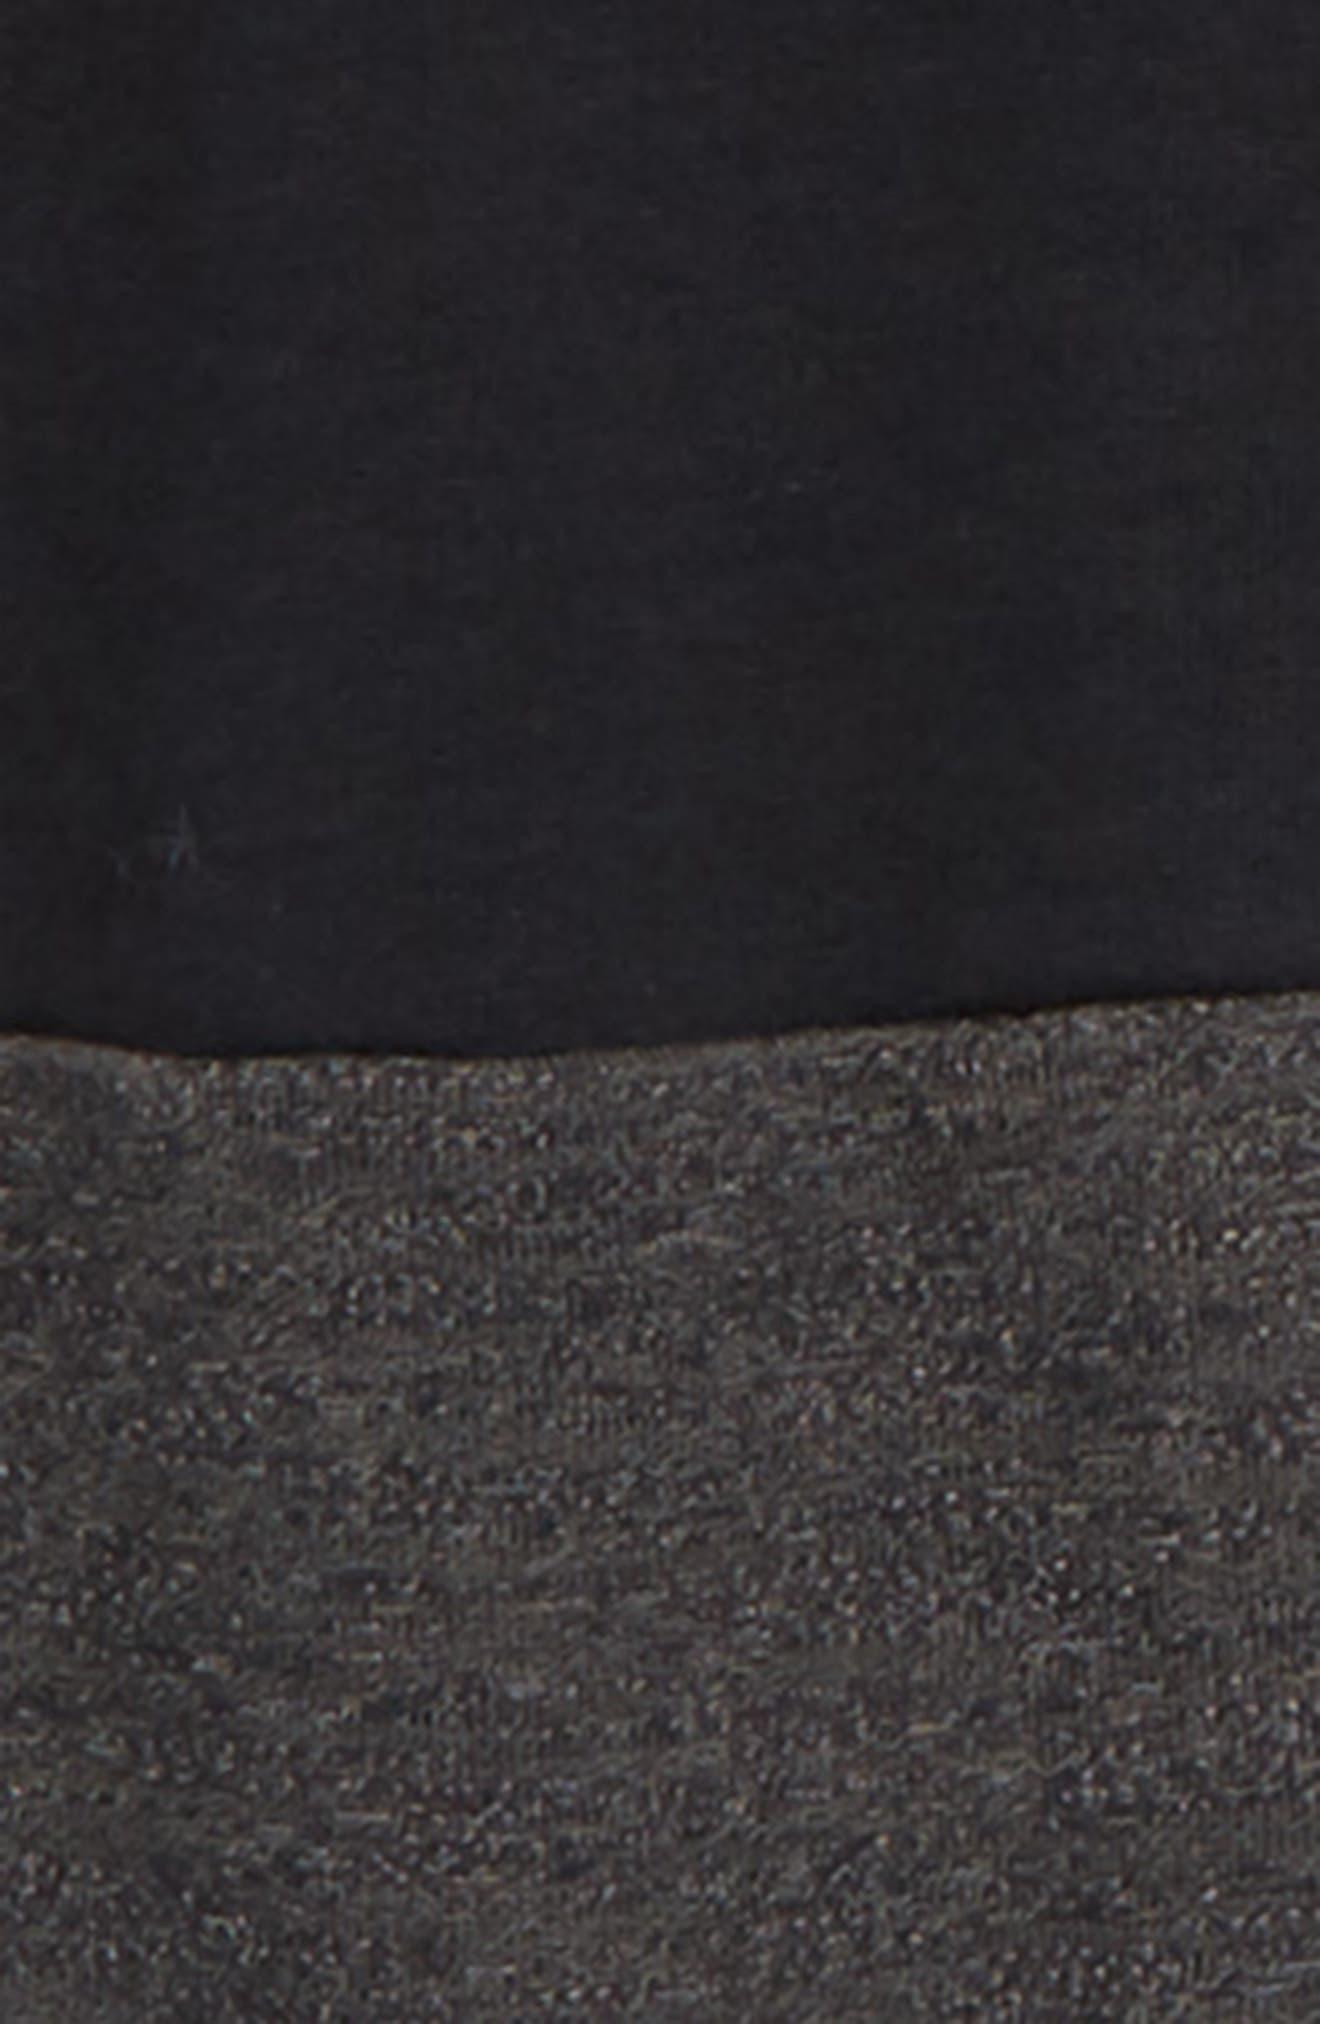 Double Knit Sweatpants,                             Alternate thumbnail 2, color,                             001